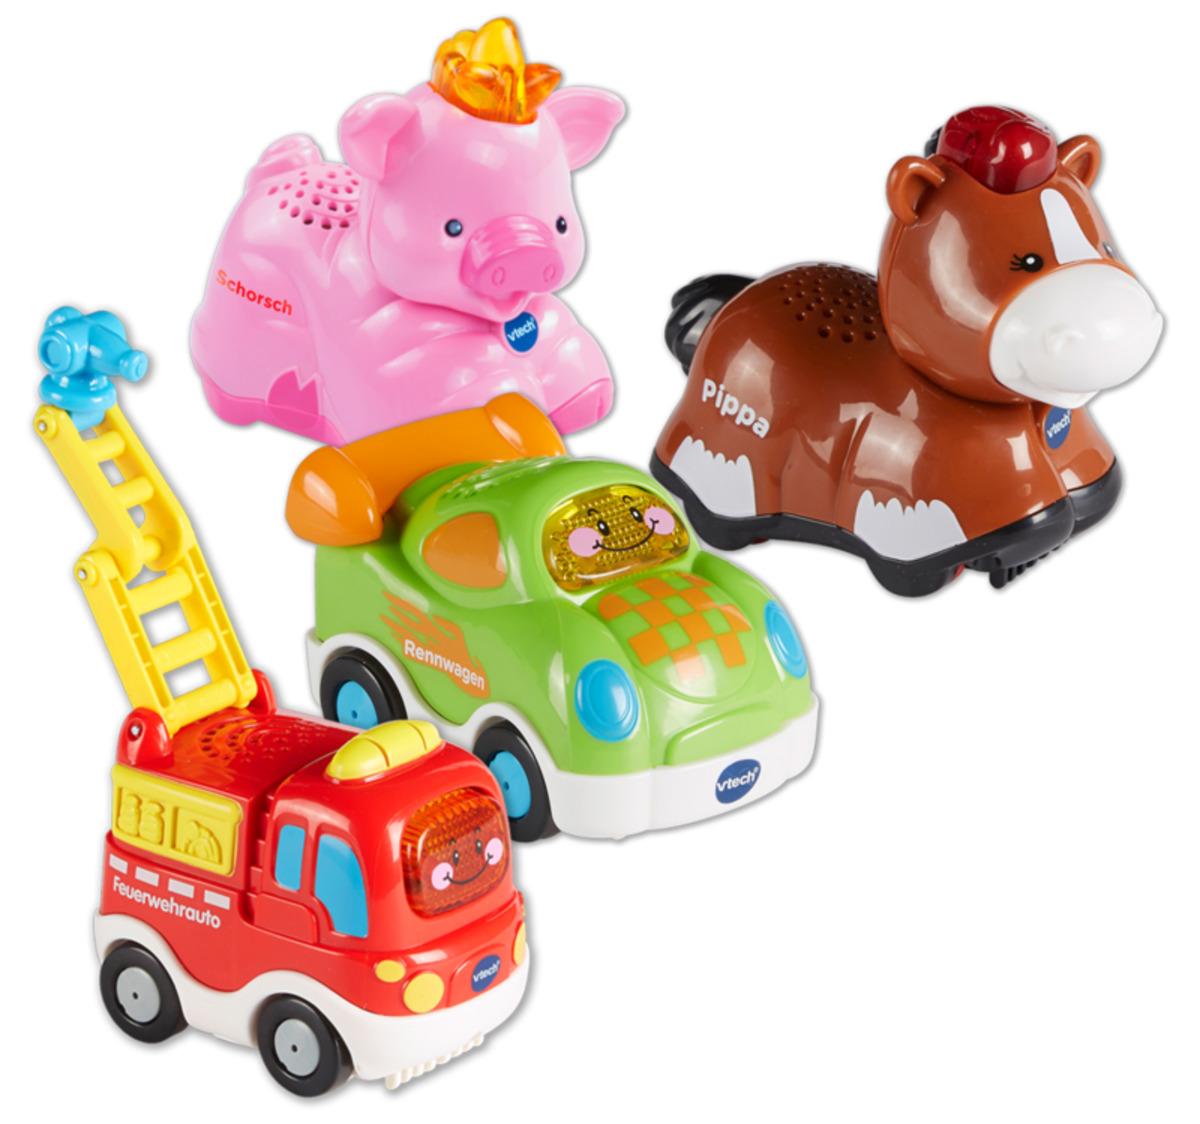 Bild 1 von VTECH Baby-Spielzeug